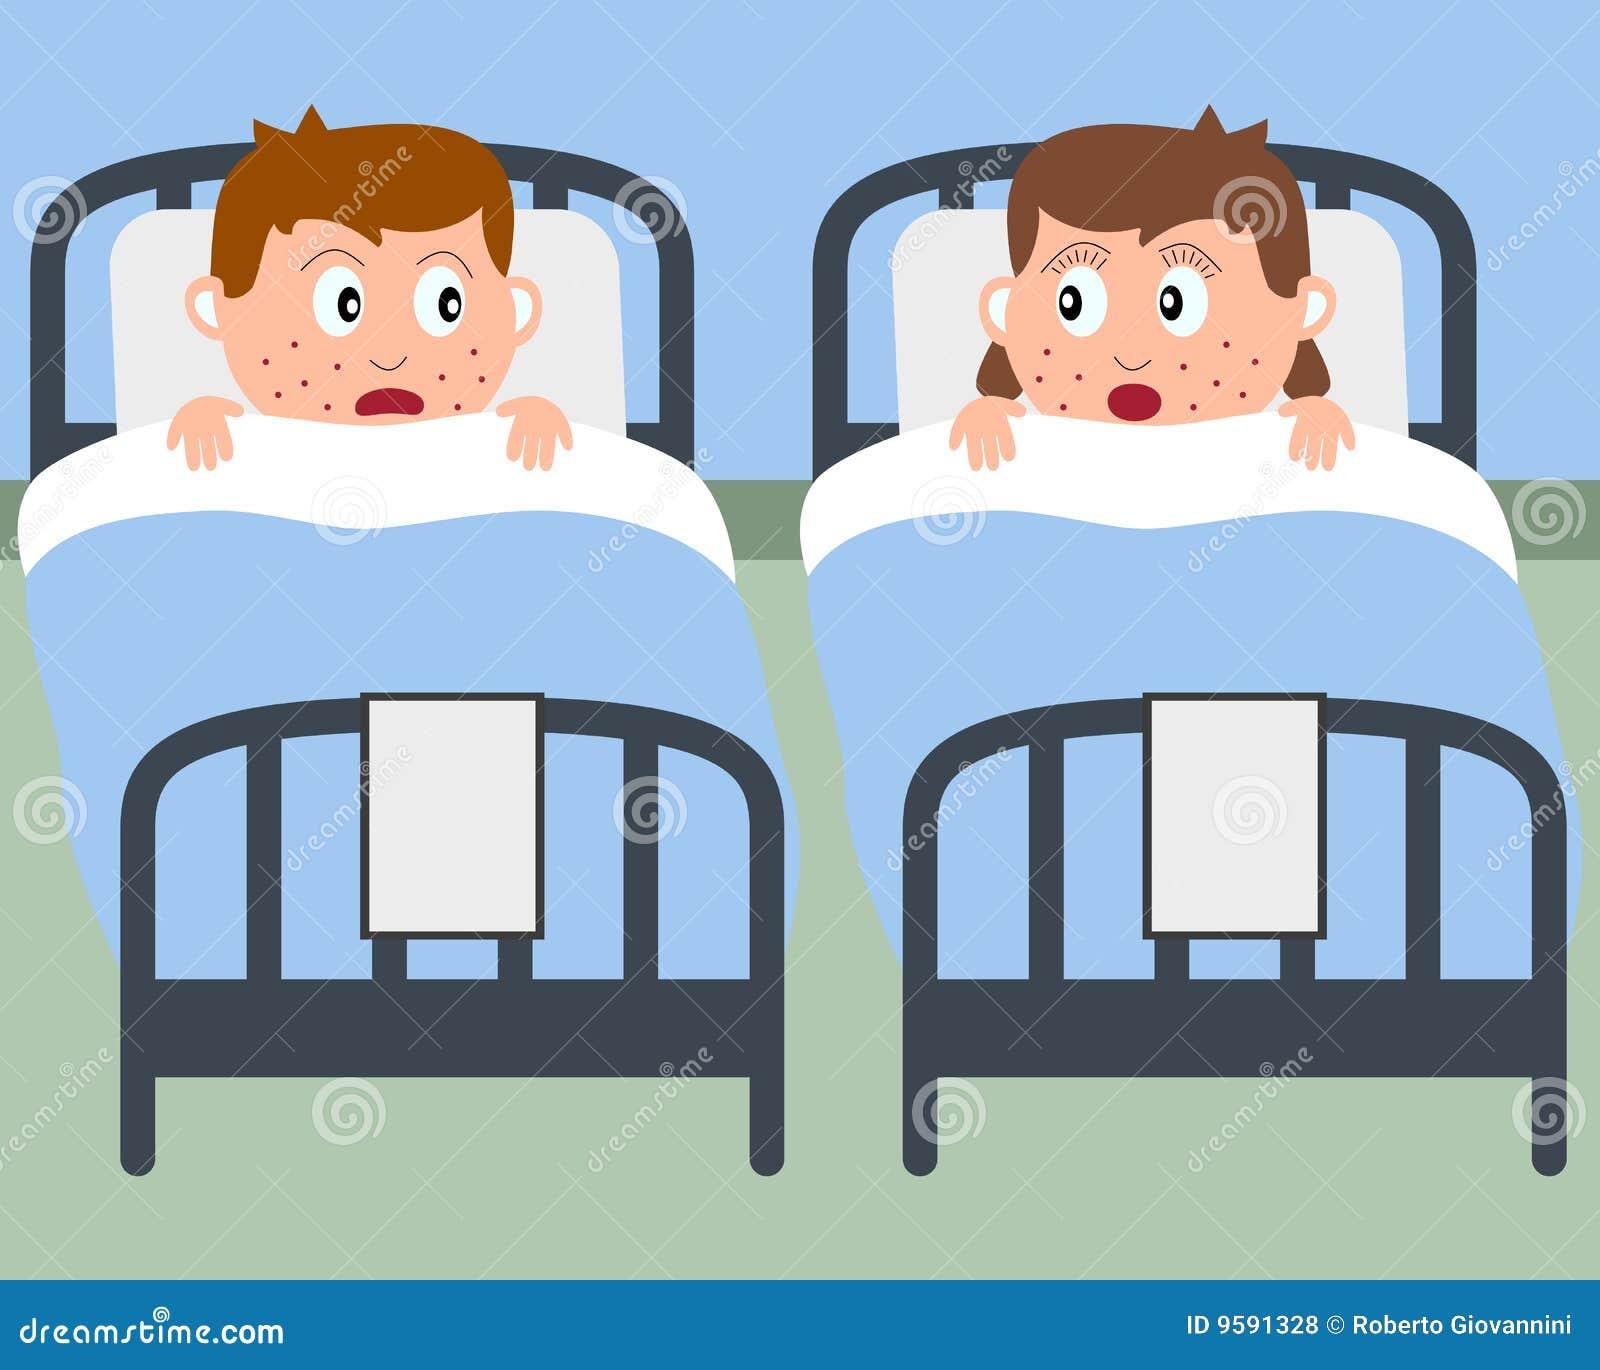 Kranke Kinder In Den Krankenhaus Betten Vektor Abbildung